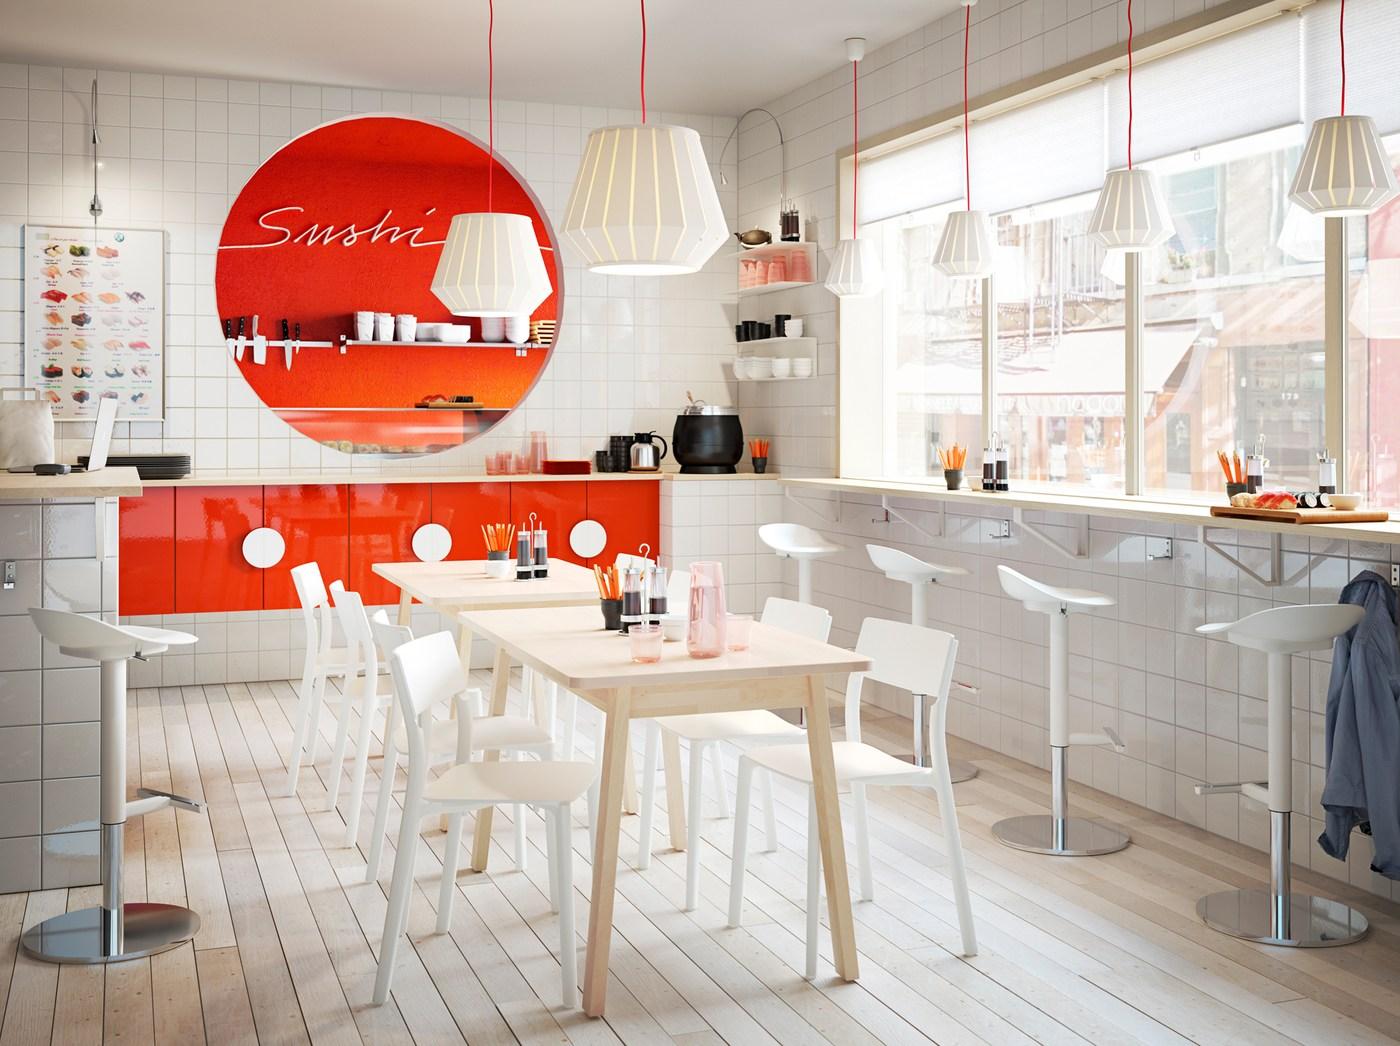 Um colorido restaurante de sushi, em branco e laranja, com bancos altos e cadeiras baixas da gama JANINGE, em branco.